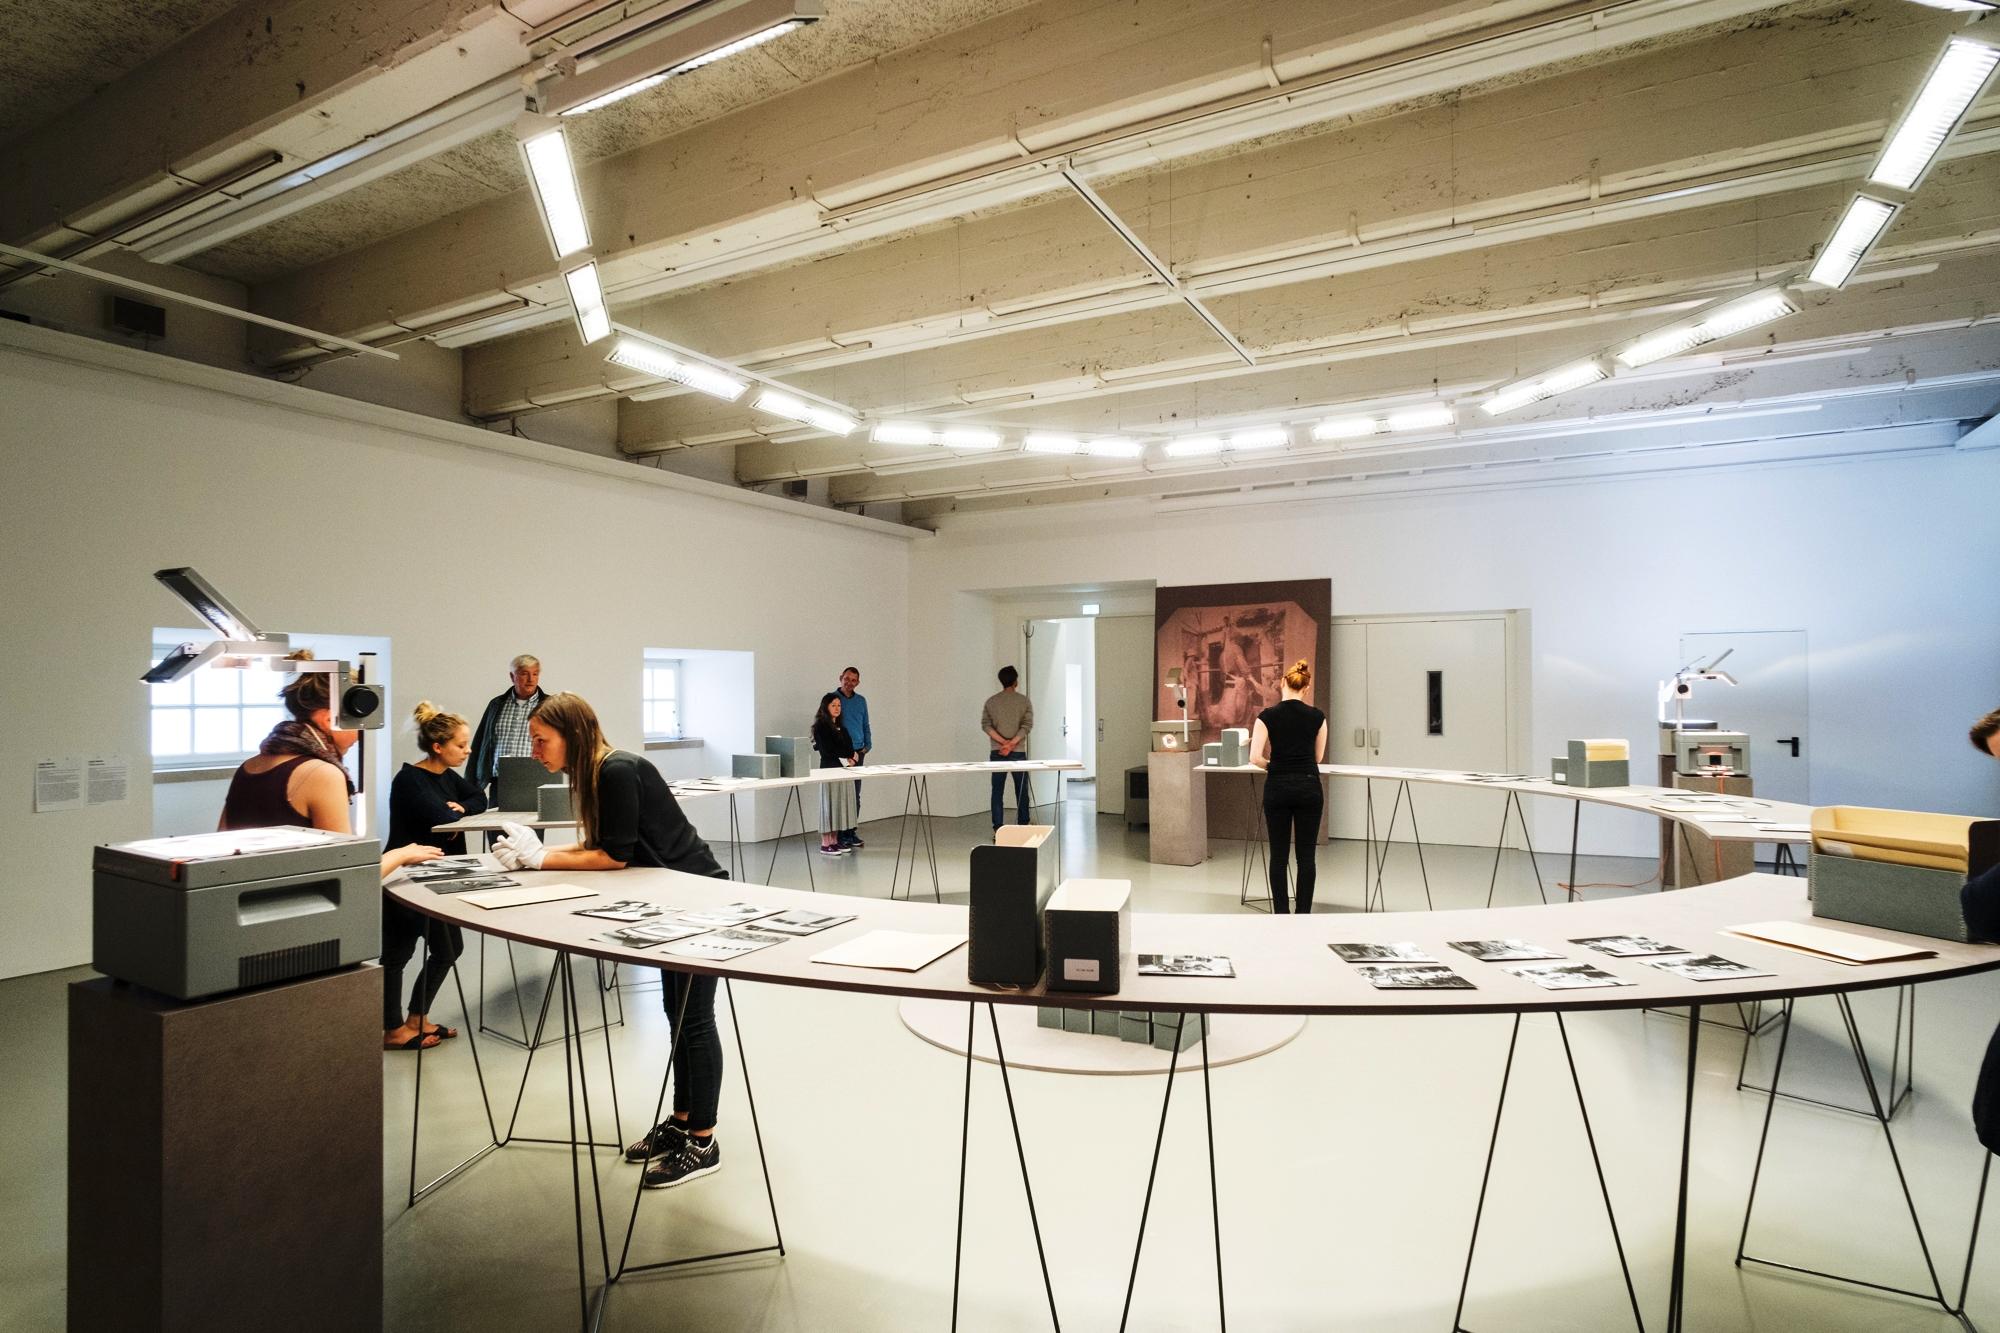 Archive in der Kunst: Das prekäre Archiv | VdA-blog.de